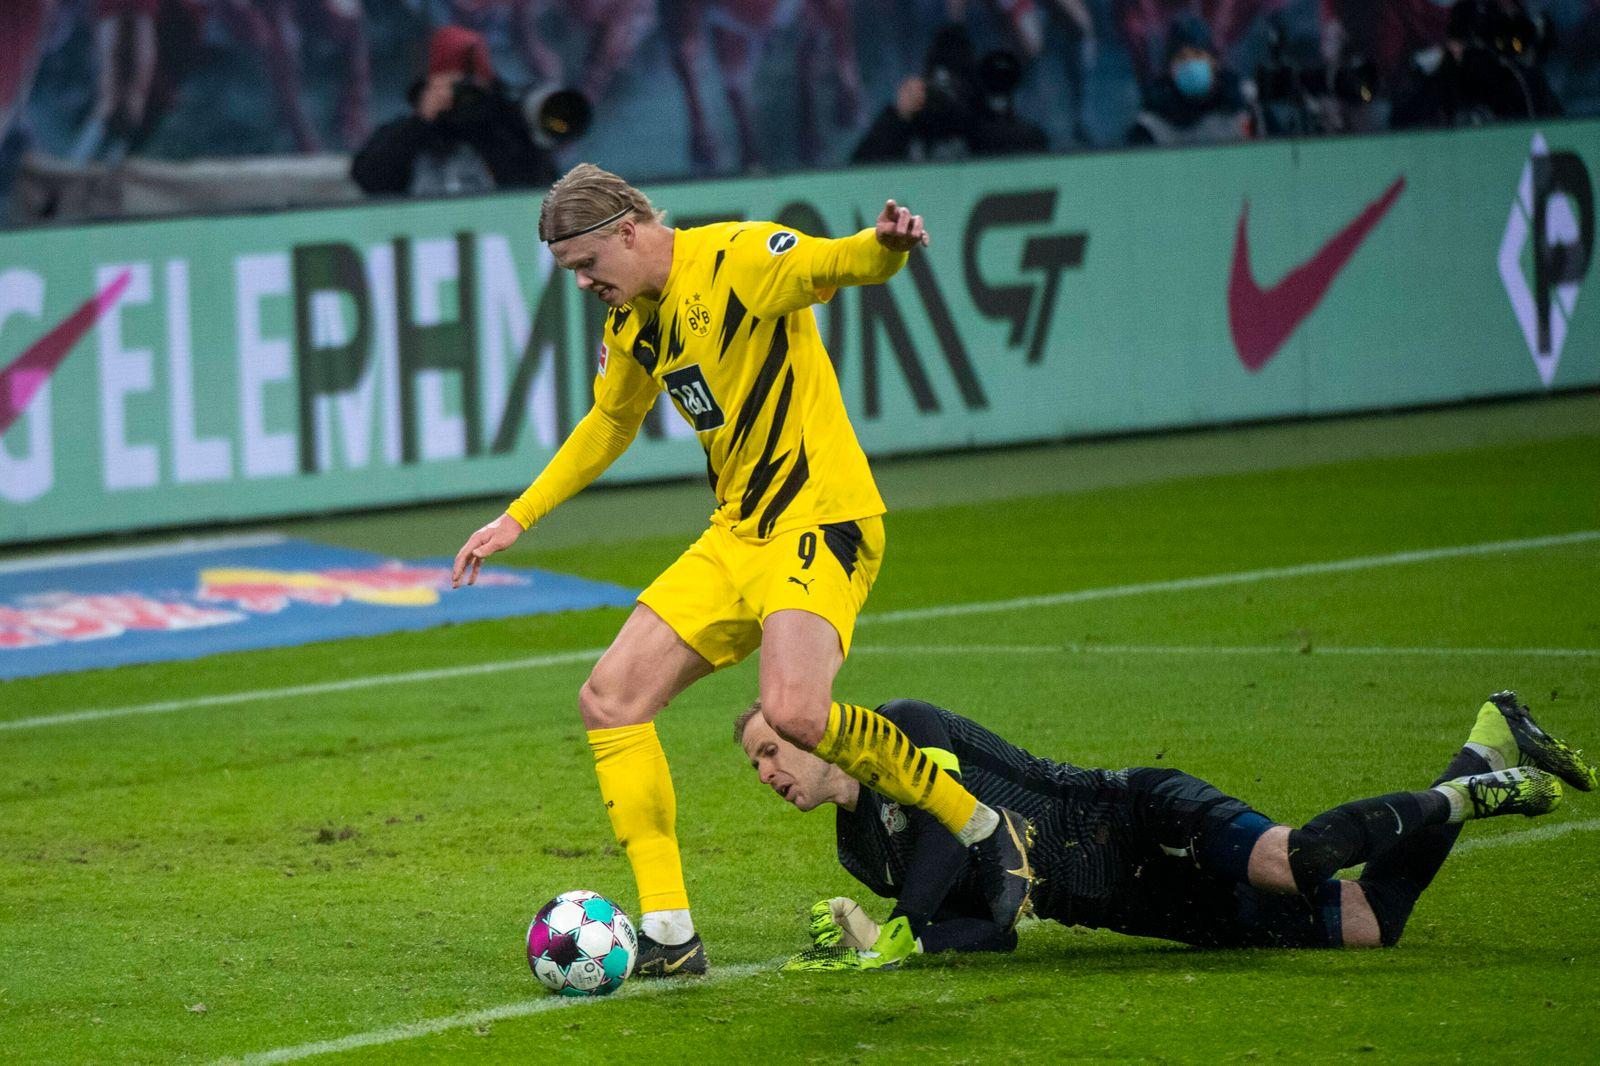 Erling Haaland (Borussia Dortmund 09) maskiert an Peter Gulacsi (RB Leipzig, 32) vorbei und laeuft mit dem Ball ins Tor